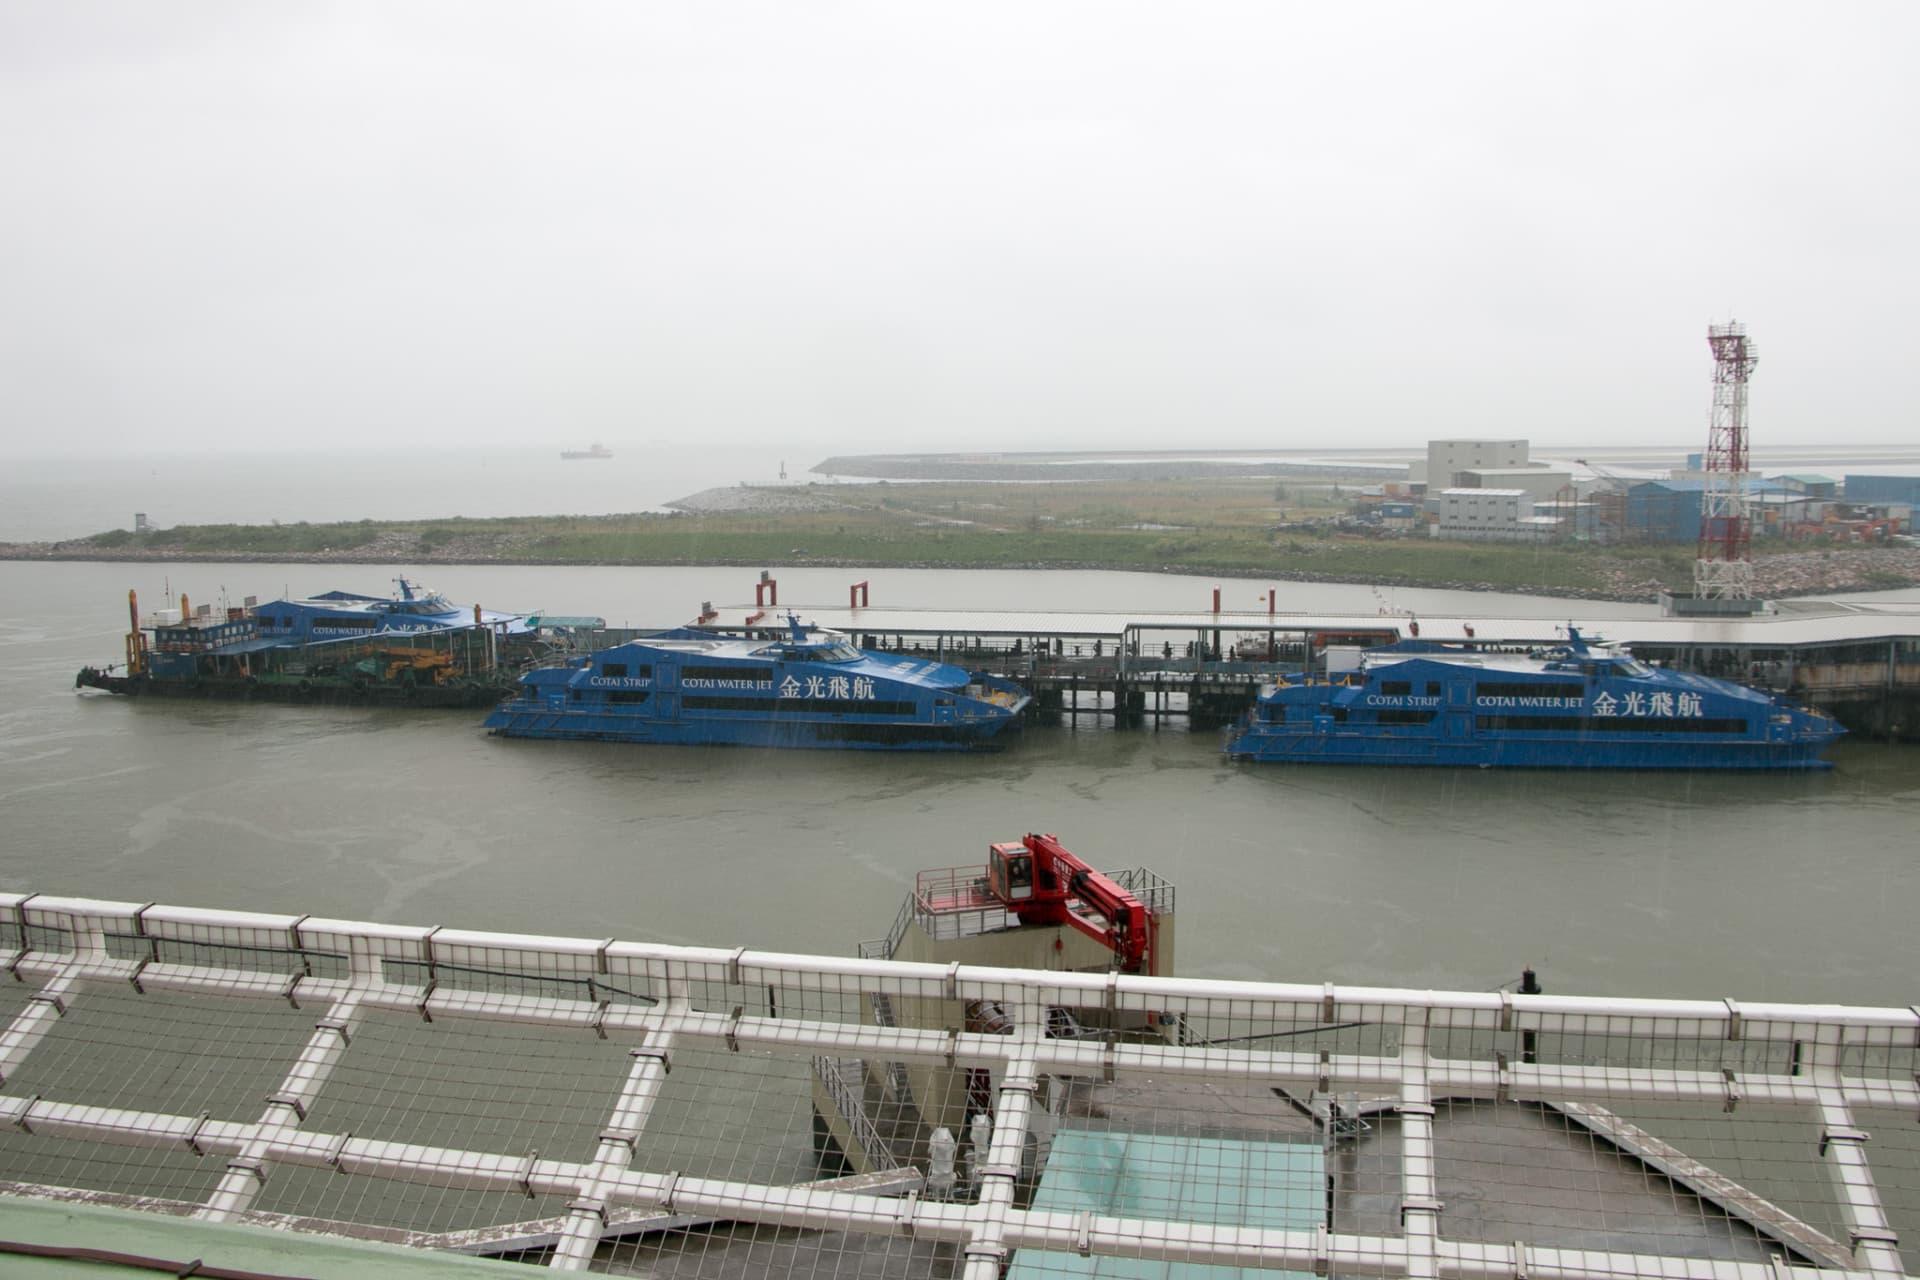 氹仔臨時客運碼頭將在新碼頭啟用後關閉改建